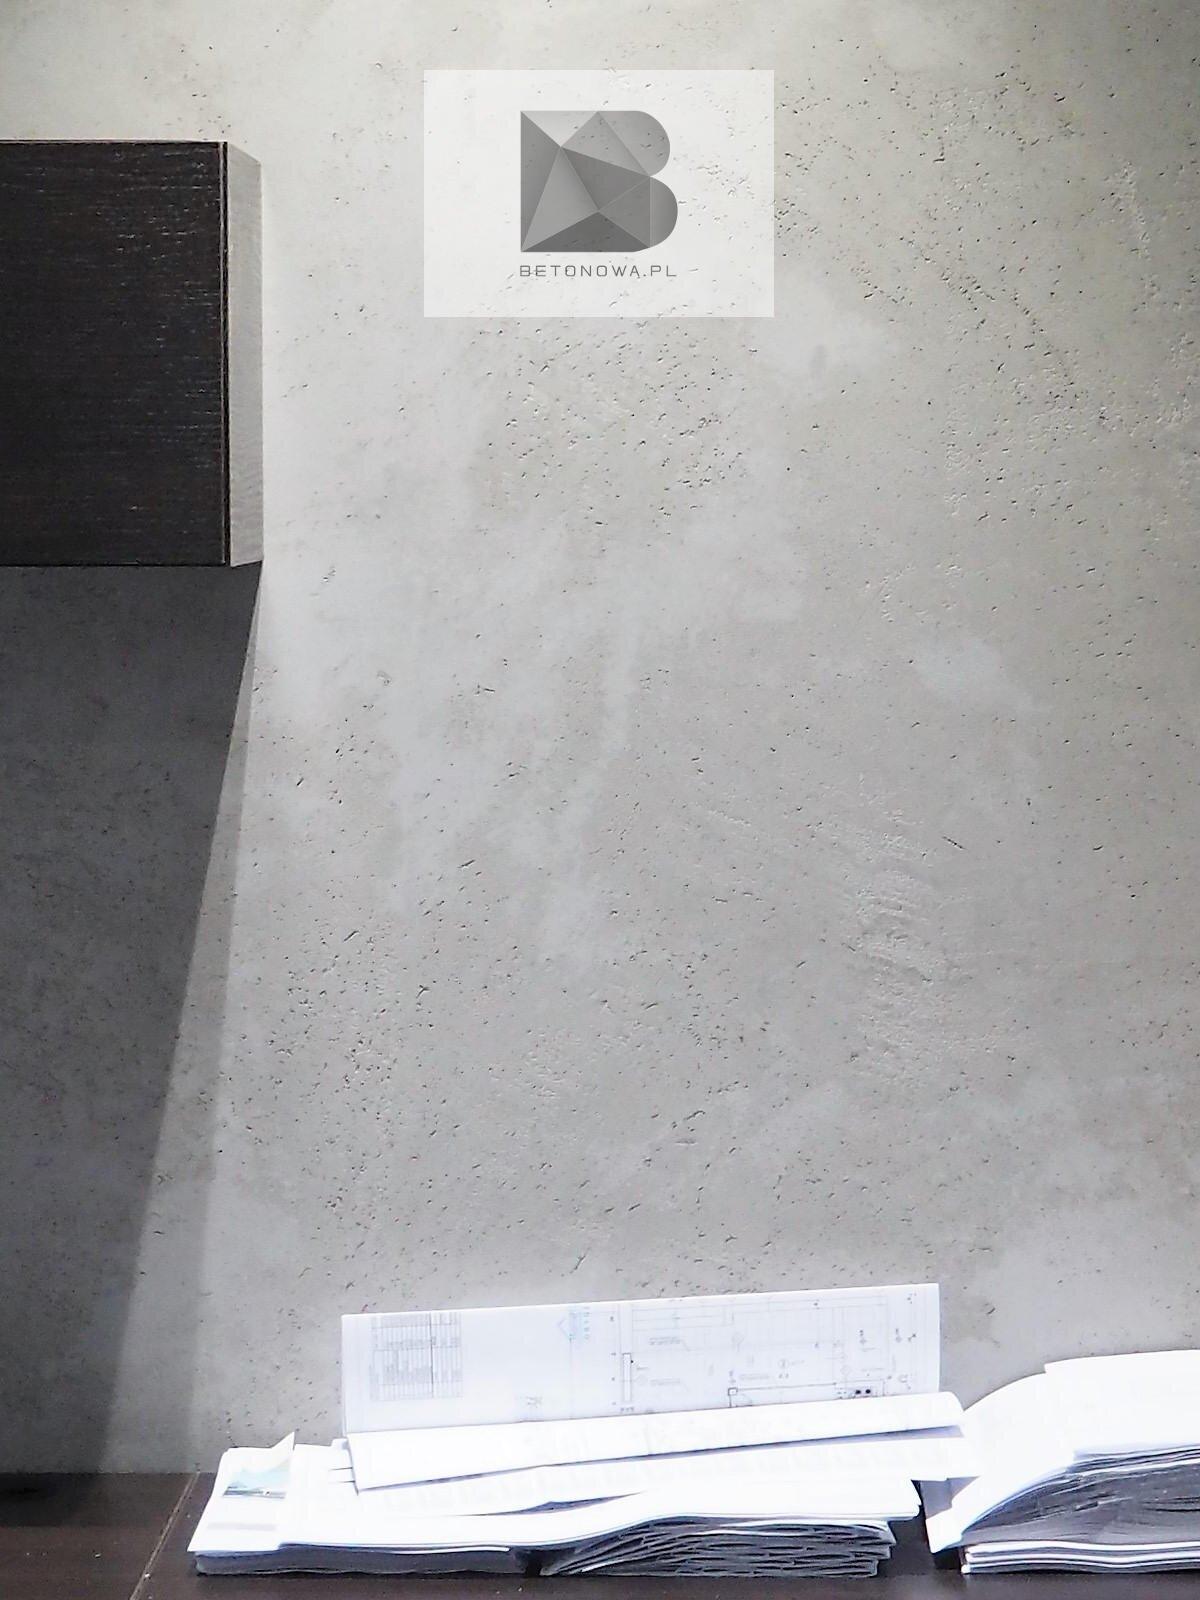 Tynk Betonowy Na Scianie W Biurze1